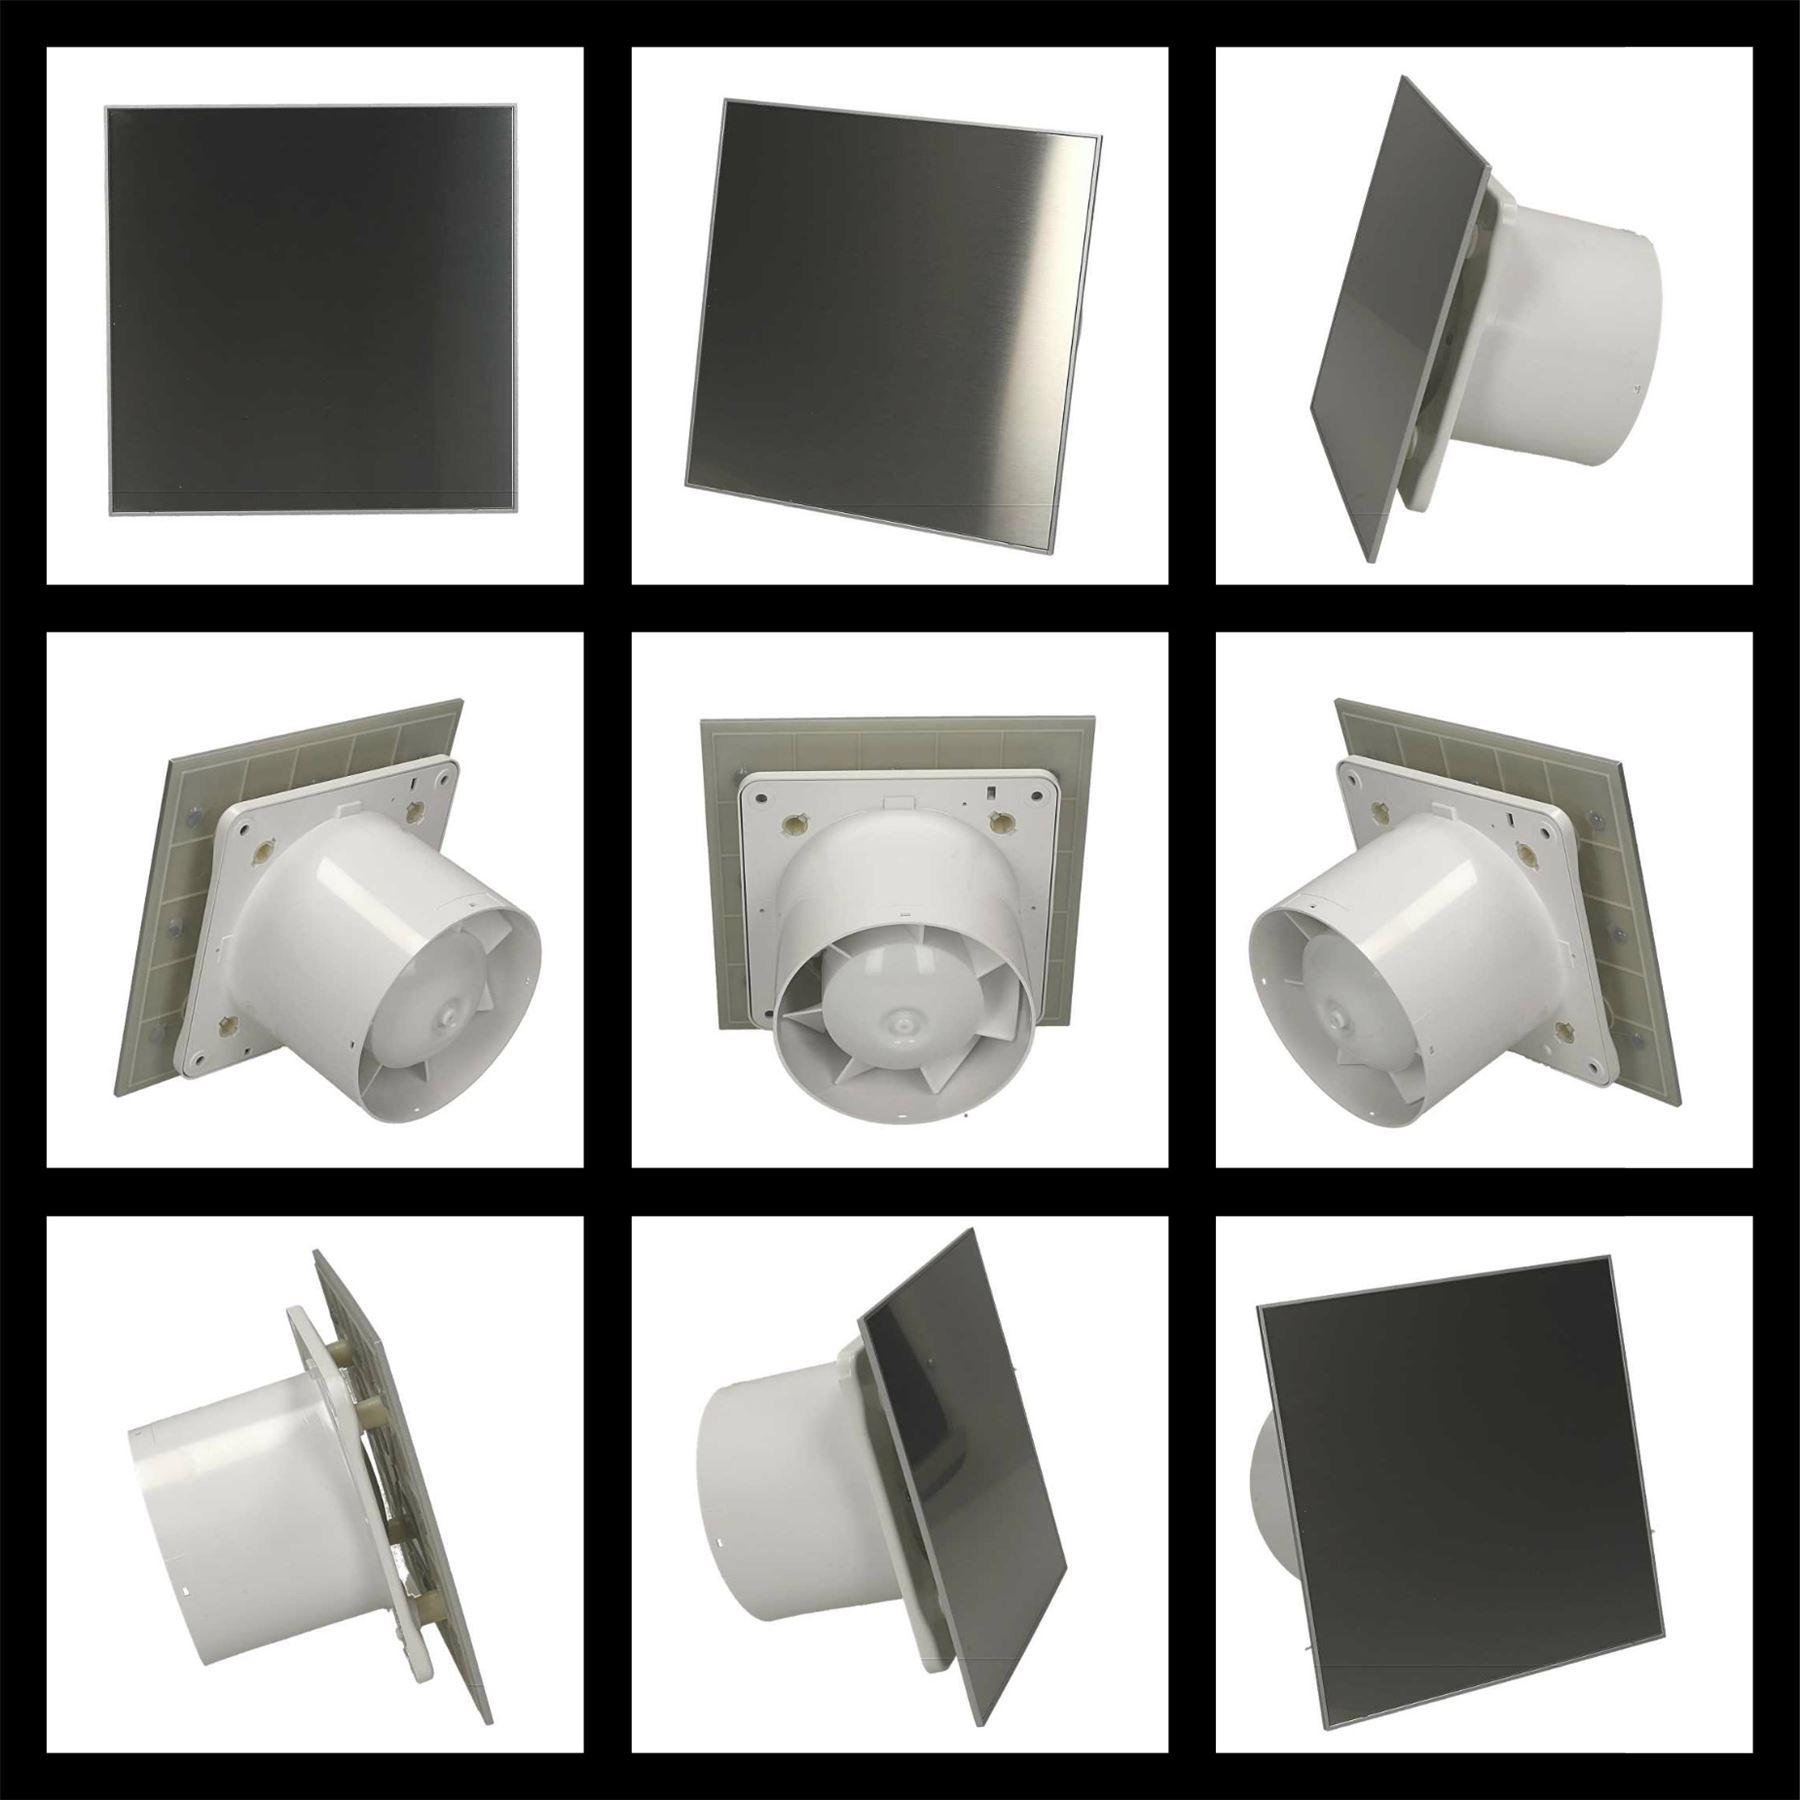 salle de bains cuisine mur ventilateur extracteur d 39 air panneau acier inoxydable ebay. Black Bedroom Furniture Sets. Home Design Ideas